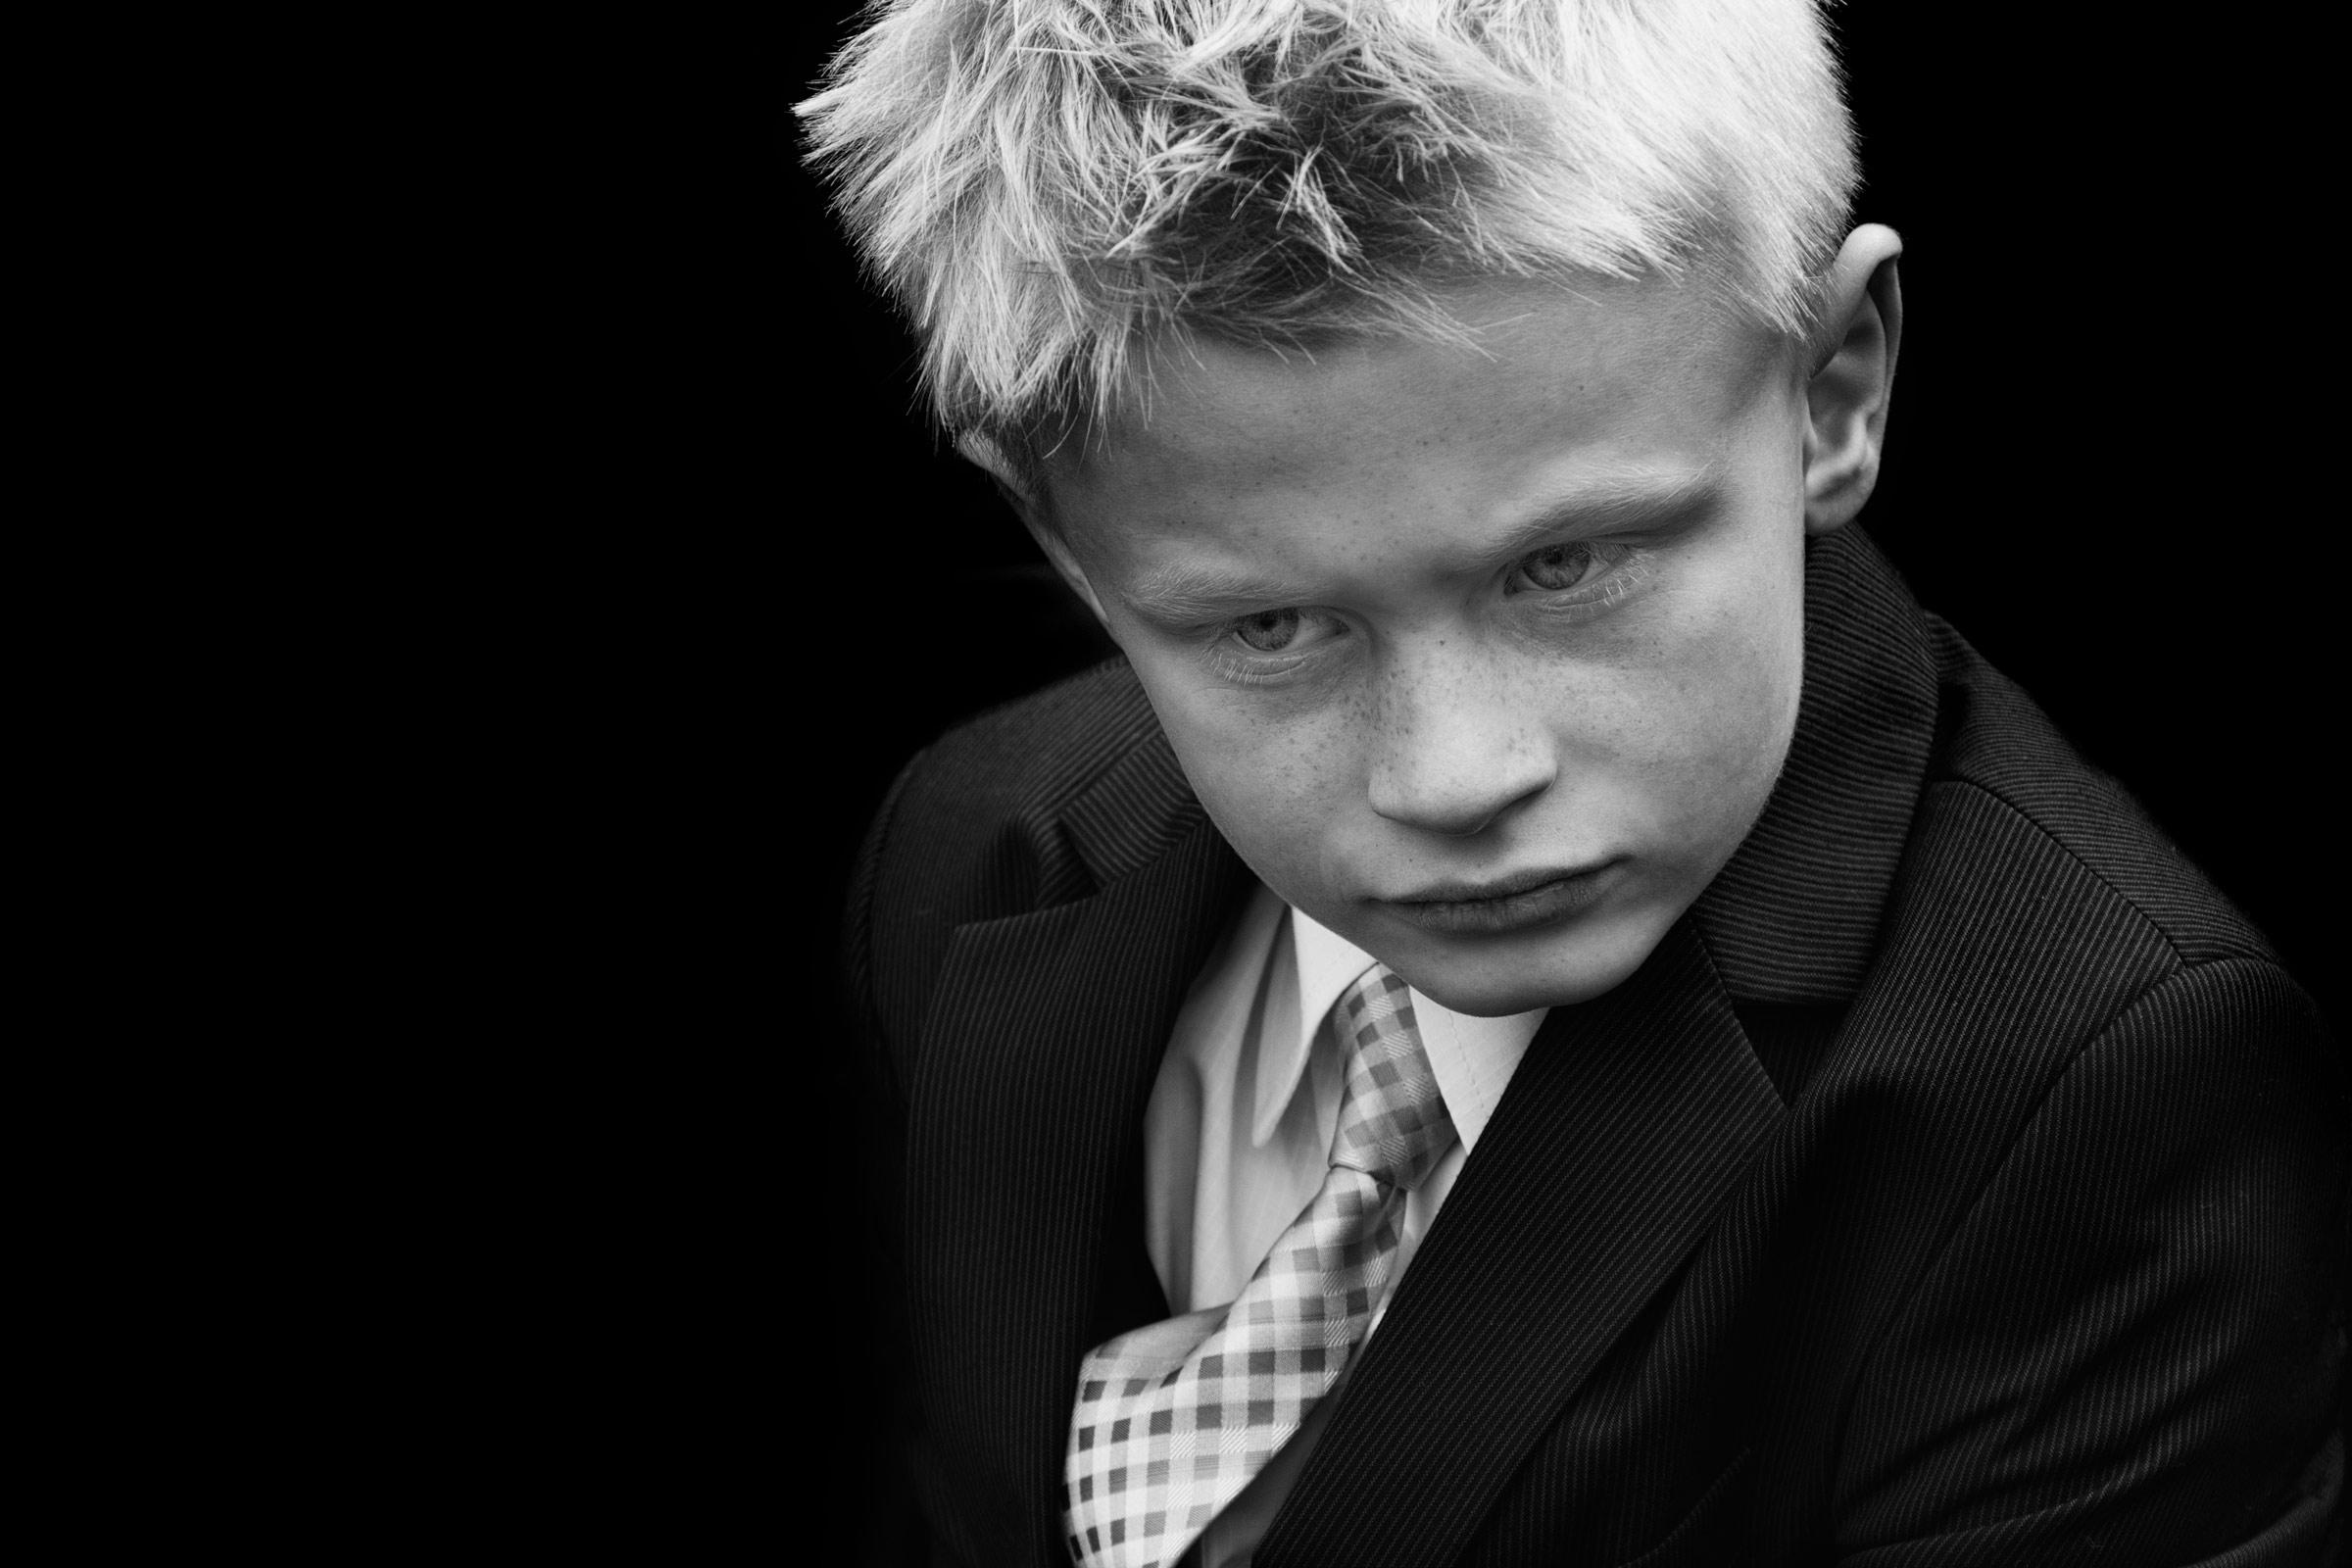 Leon-black-&-white